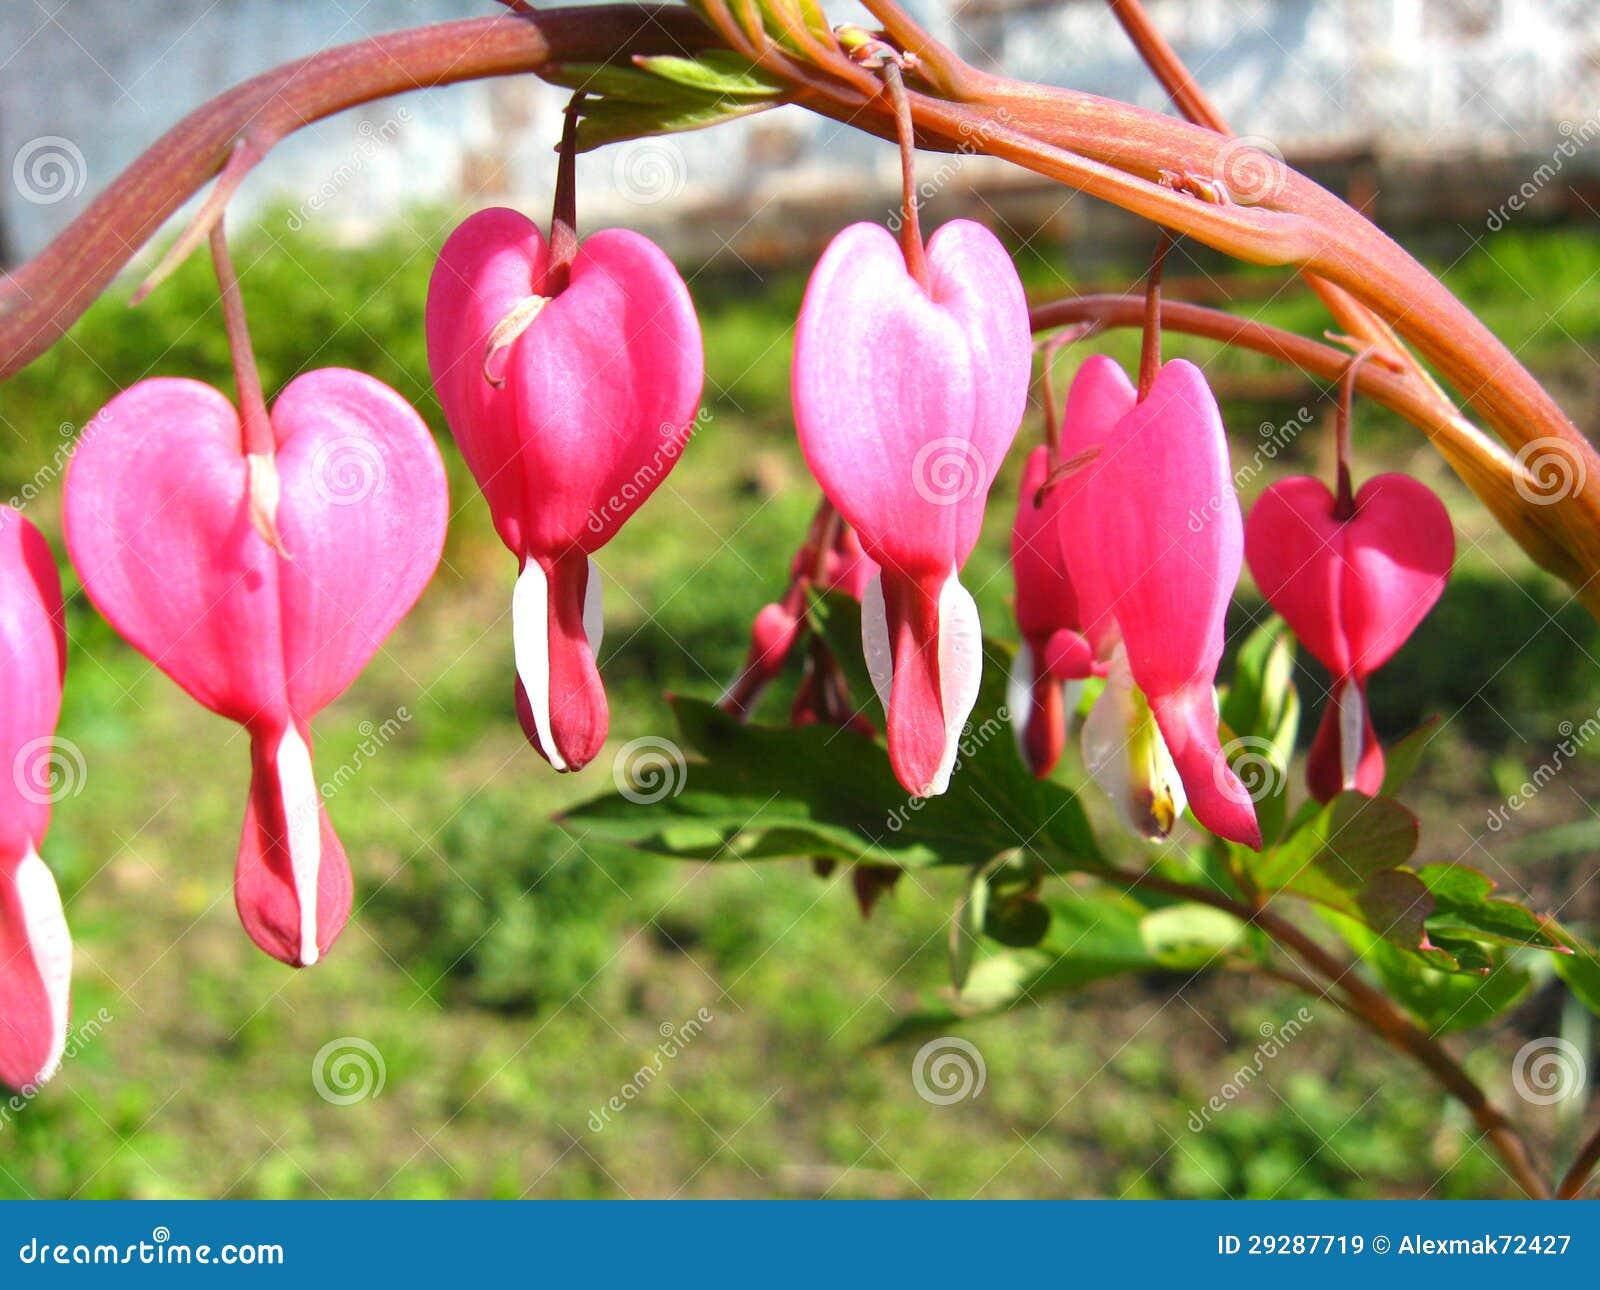 fleur magnifique de dicentra images libres de droits - image: 29287719